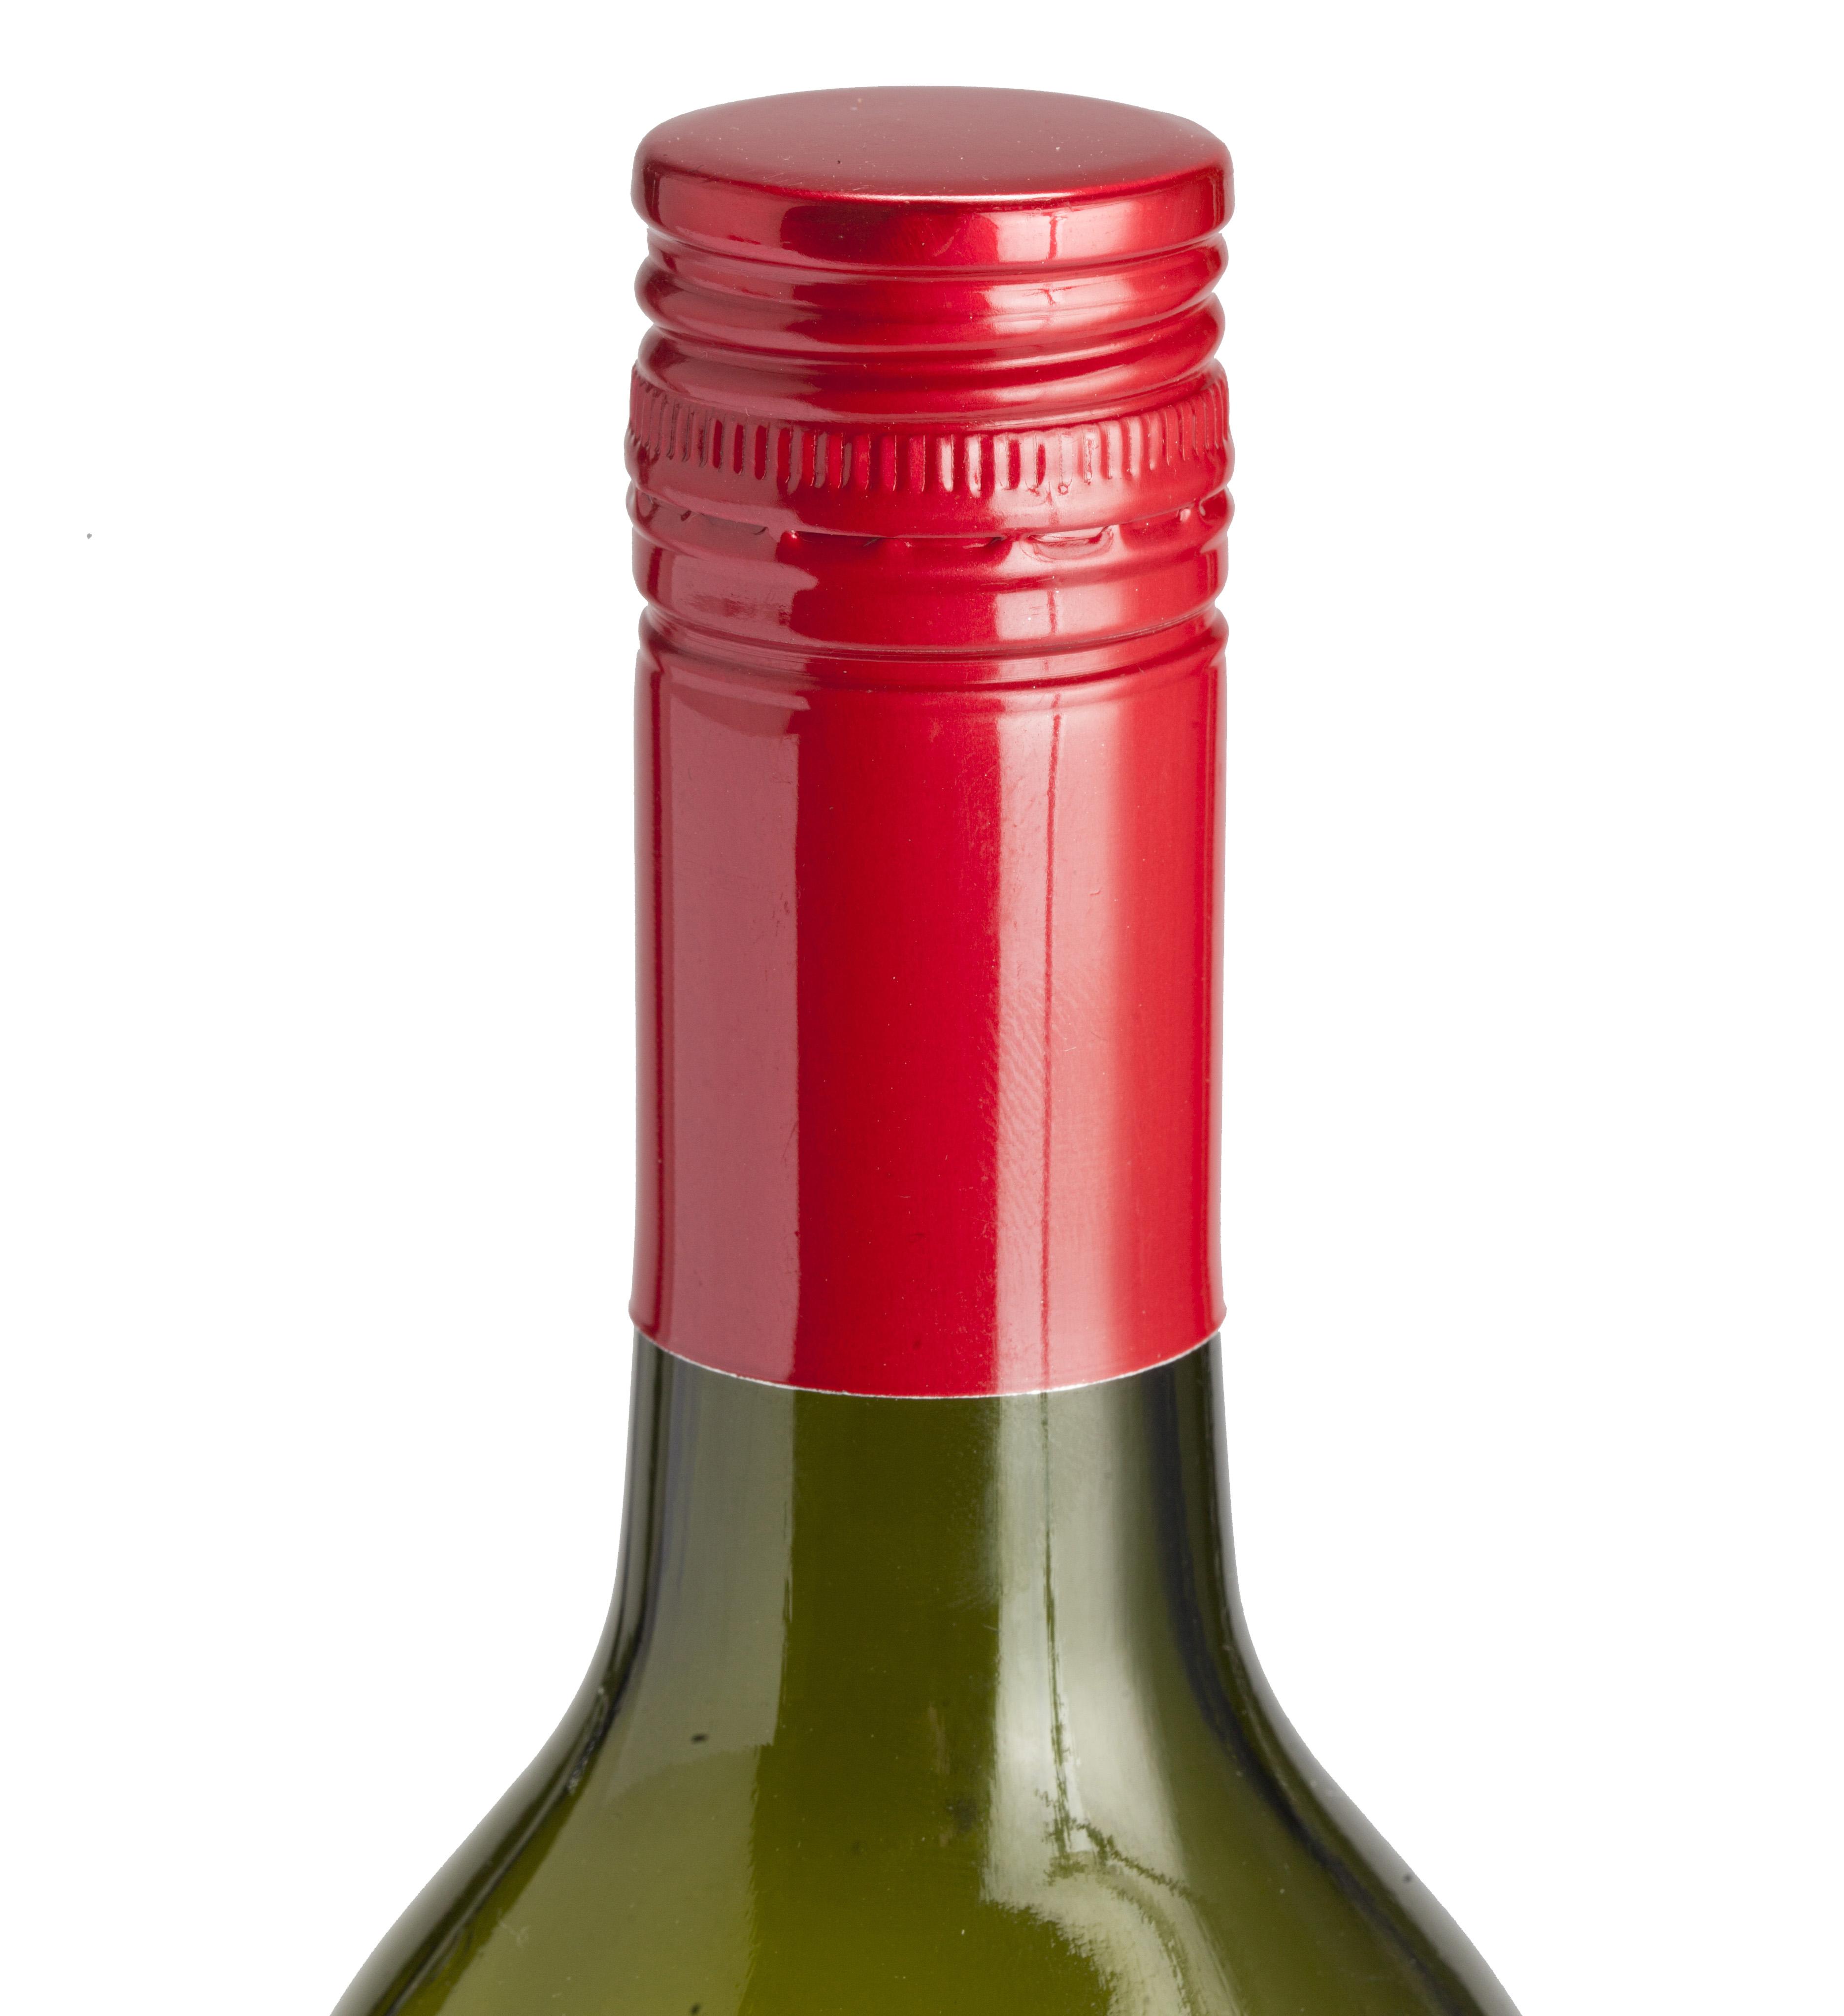 Рельефный логотип под заказ, металлическая закручивающаяся Крышка для стеклянной бутылки, алюминиевая застежка